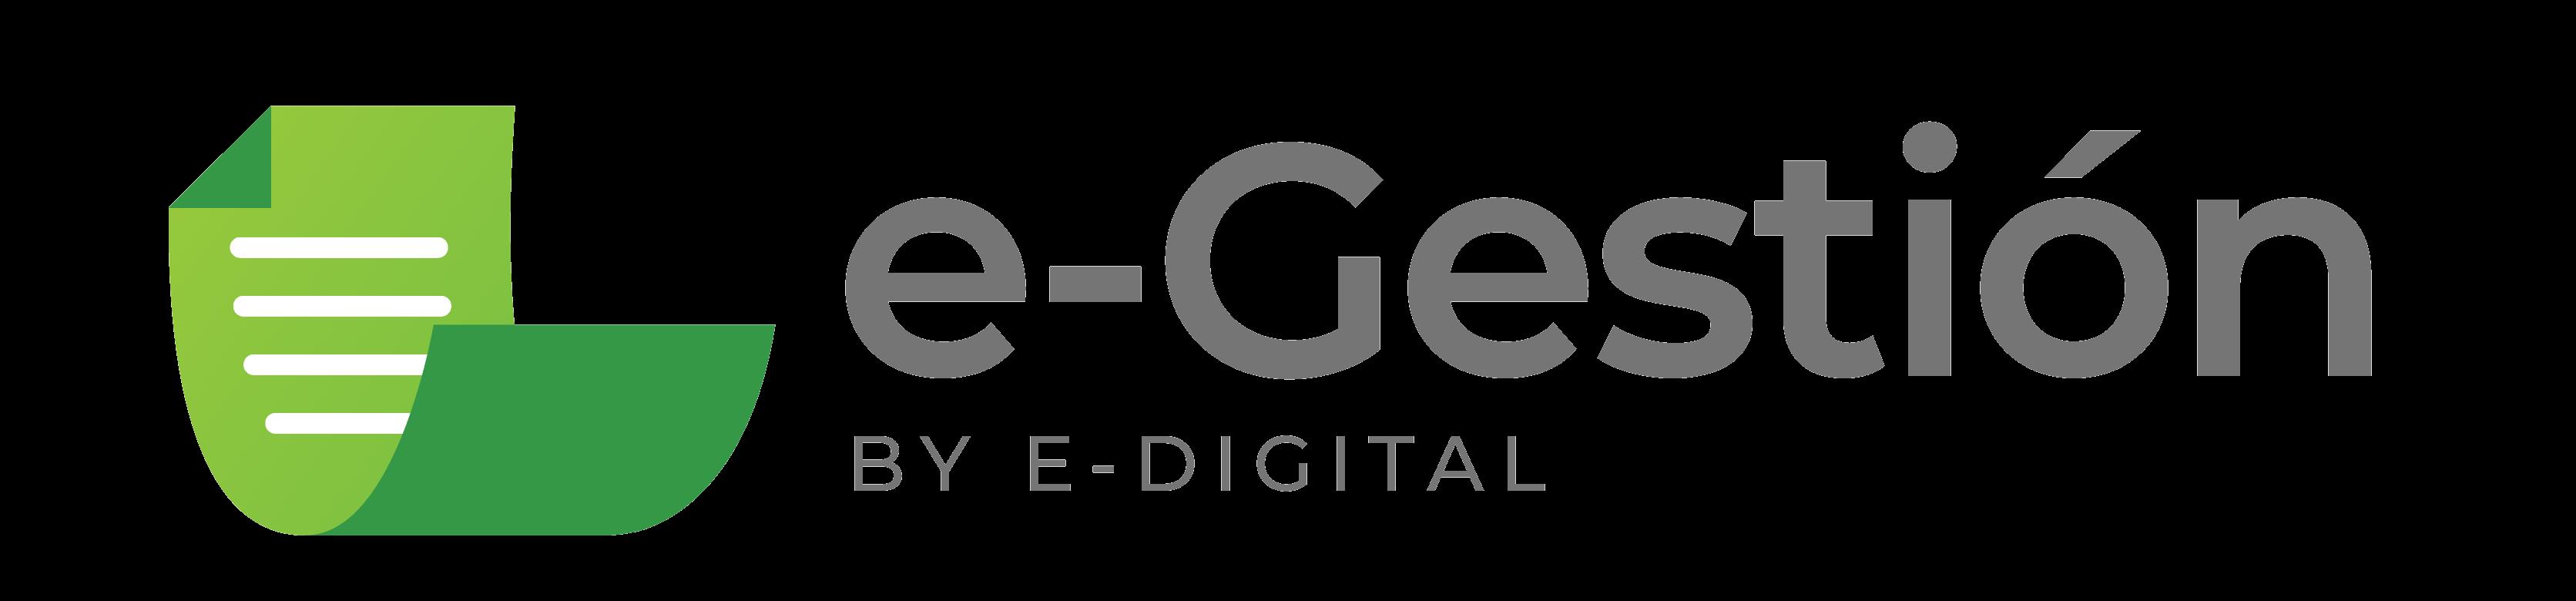 e-gestión